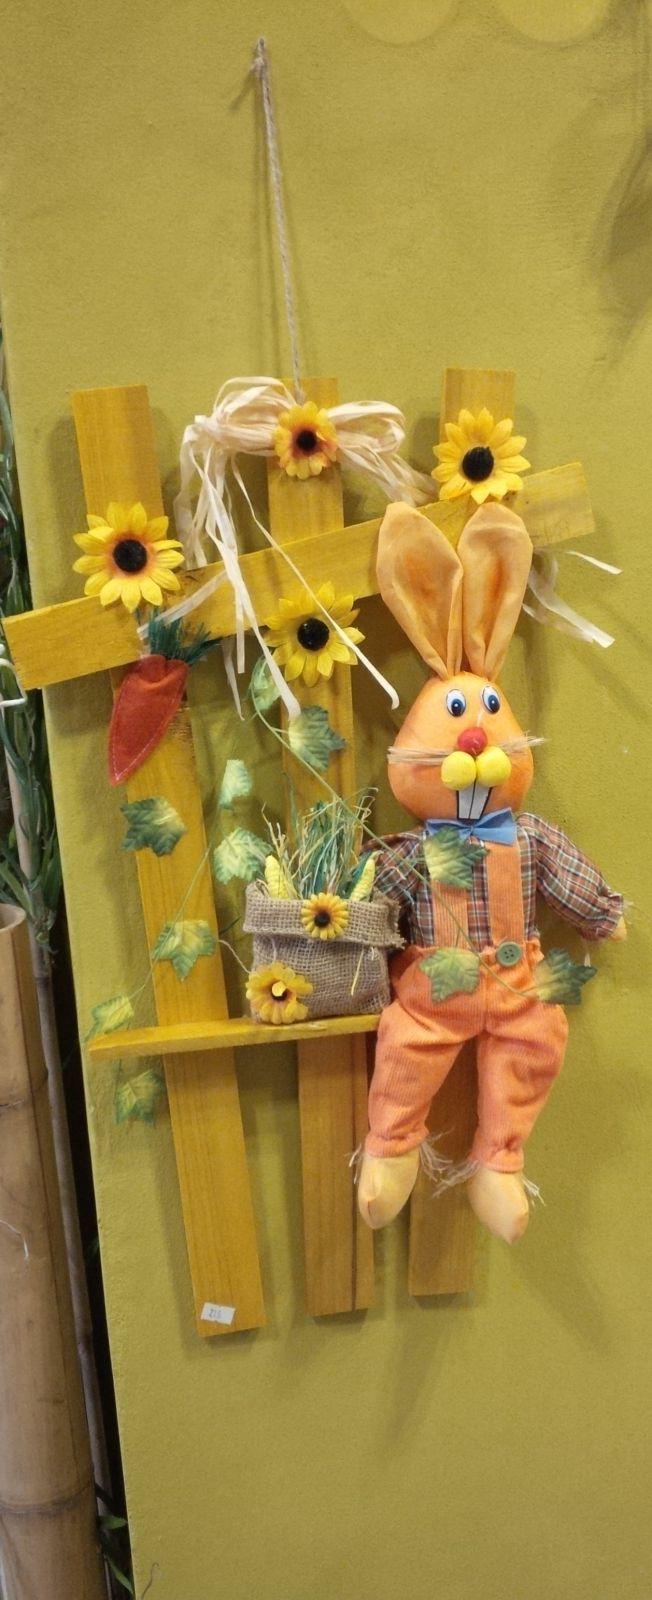 Kategorie květin Velikonoce a jaro : Květinářství Plzeň